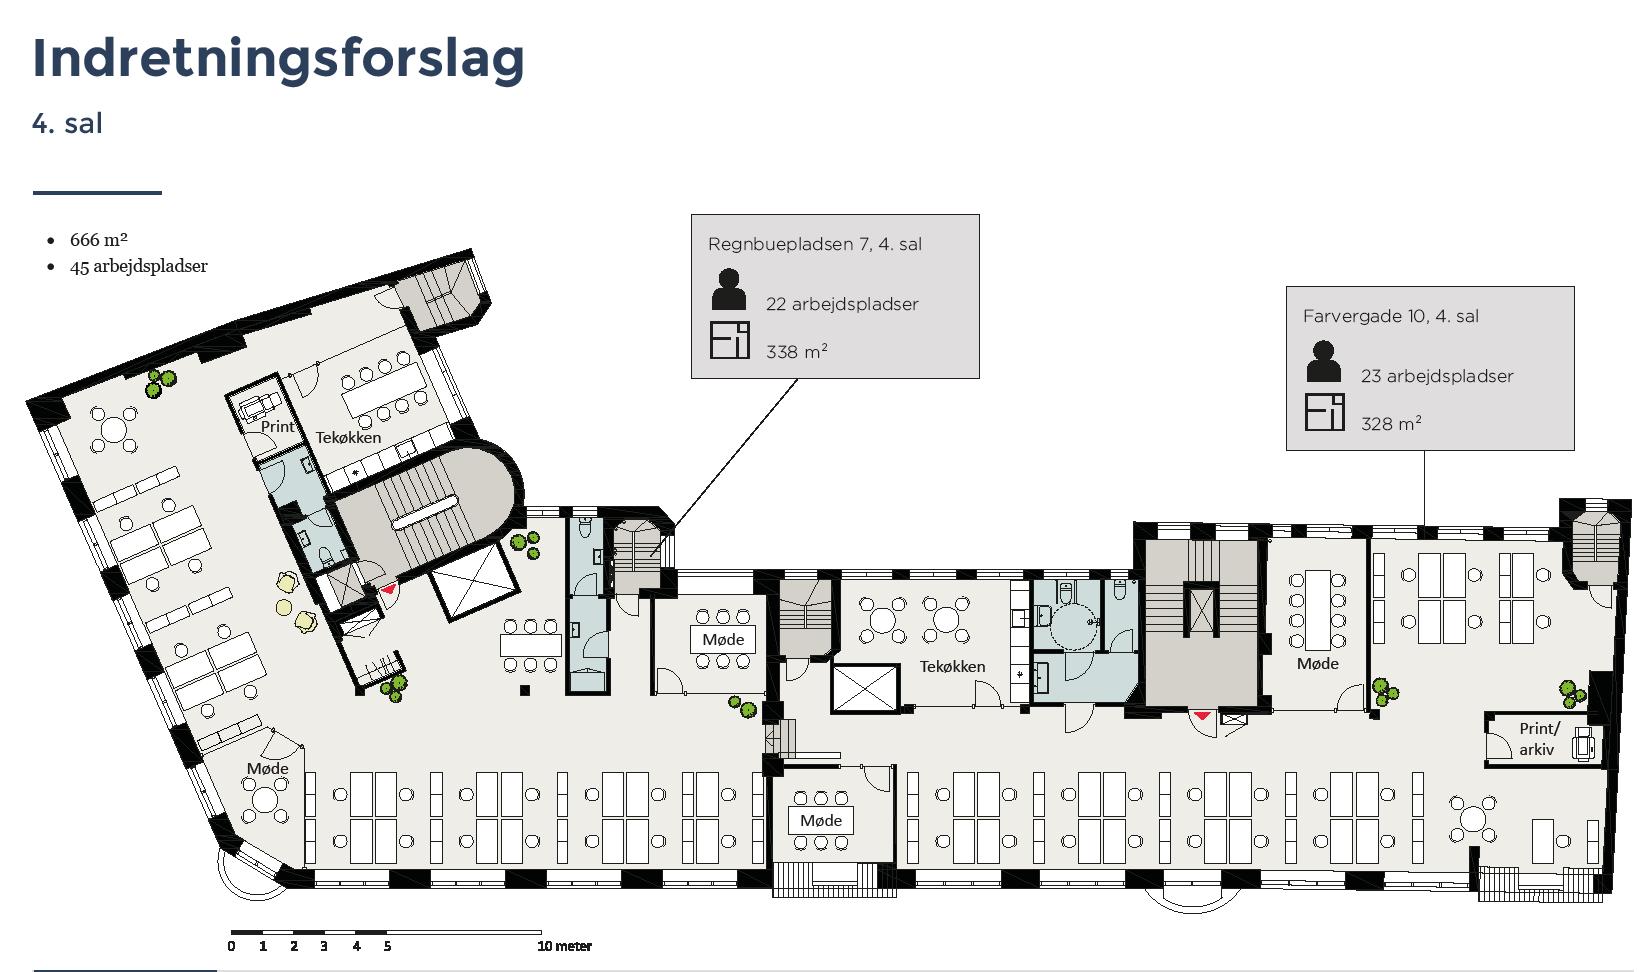 Plantegning - 4.sal - Farvergade 10 / Regnbuepladsen 7, 1463 København K